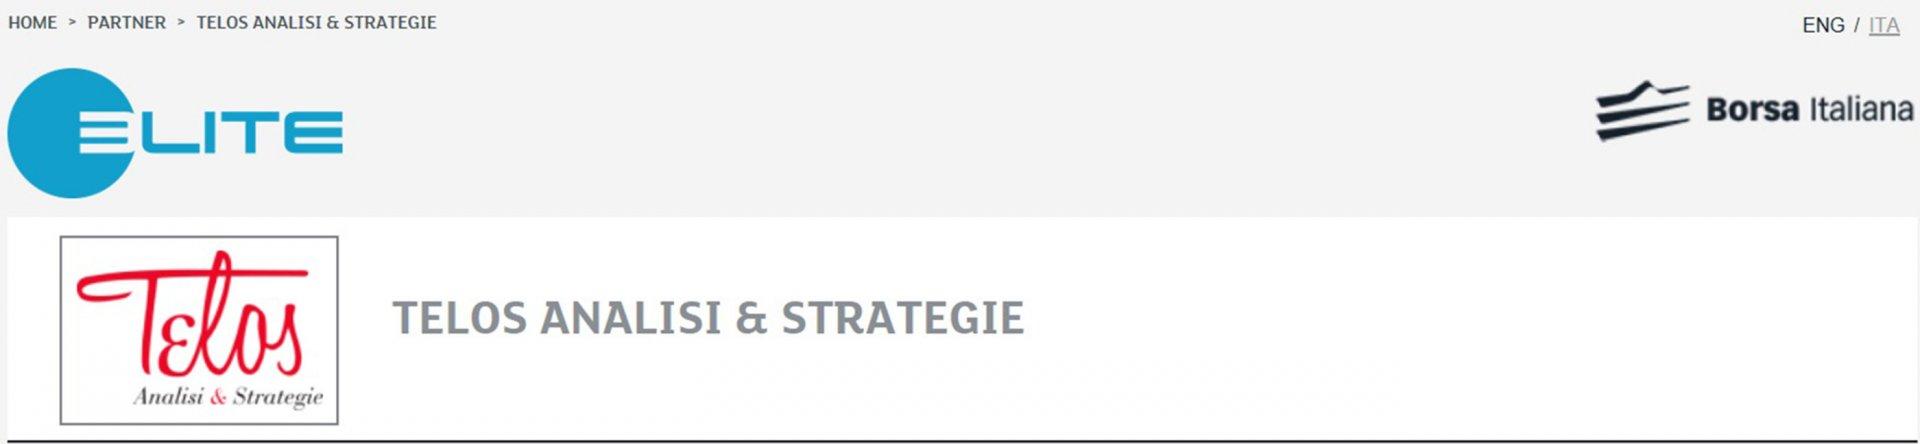 Telos A&S, prima società di lobbying partner di ELITE-Borsa Italiana